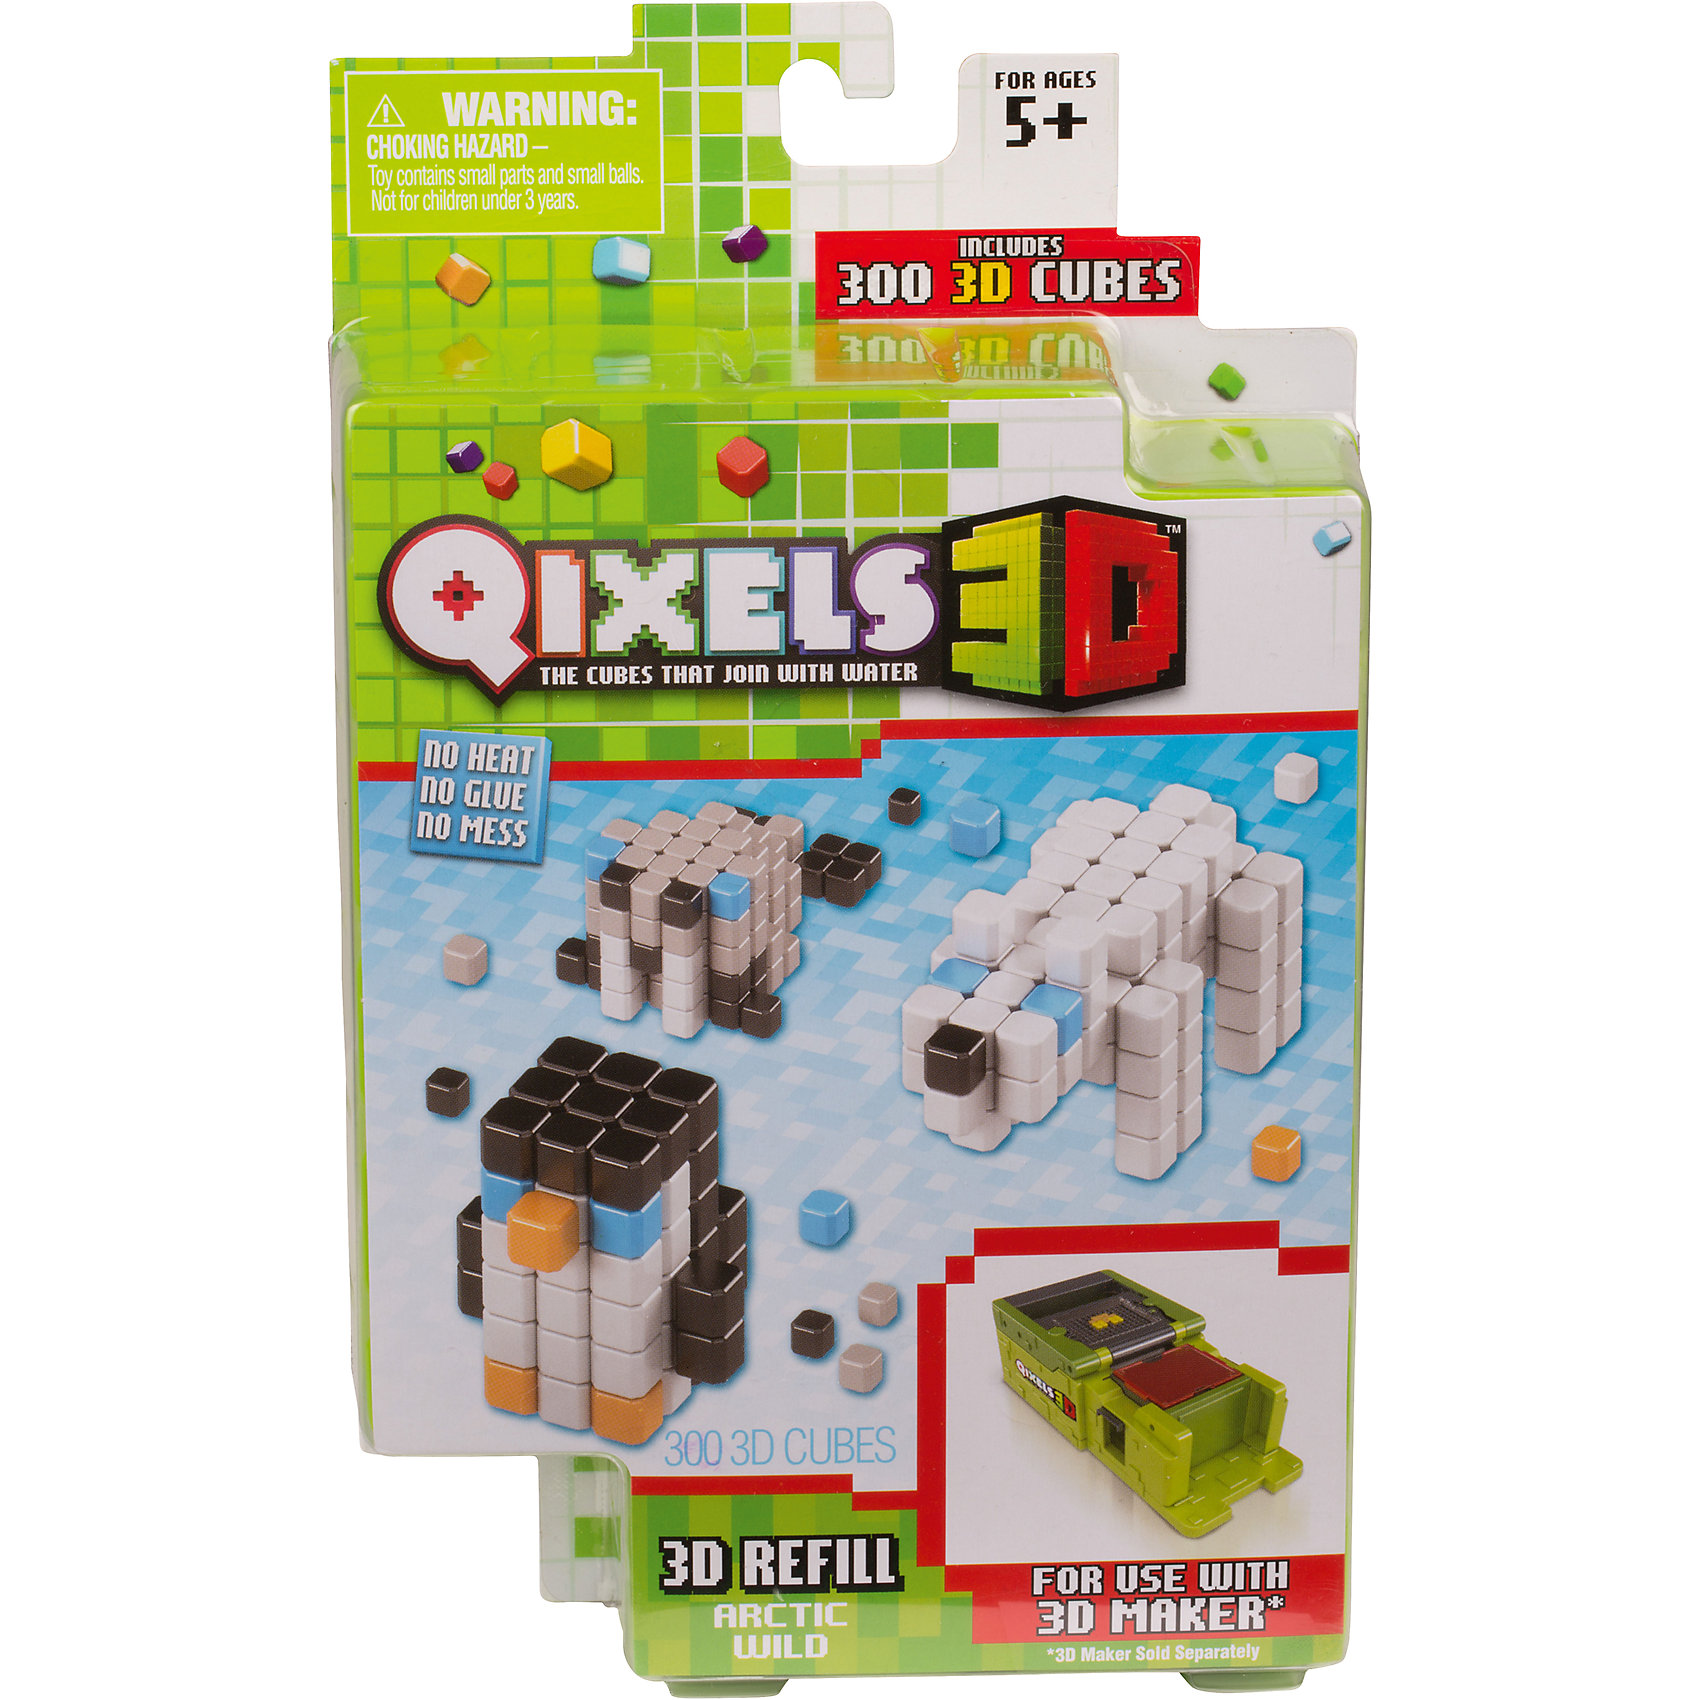 QIXELS 3D Дополнительные наборы для 3D Принтера Qixels в ассортиментеНаборы 3D ручек<br>Qixels – кубики, которые скрепляются при помощи воды!  Состав набора: 300 3D кубиков, 55 дополнительных кубика, 3 дизайн лекала, бирка с нитью и инструкция. В ассортименте шесть наборов: Динозавры, Арктика, Жуки, Пришельцы, Джунгли, Самолеты.<br><br>Ширина мм: 40<br>Глубина мм: 130<br>Высота мм: 215<br>Вес г: 177<br>Возраст от месяцев: 60<br>Возраст до месяцев: 1188<br>Пол: Унисекс<br>Возраст: Детский<br>SKU: 6742252